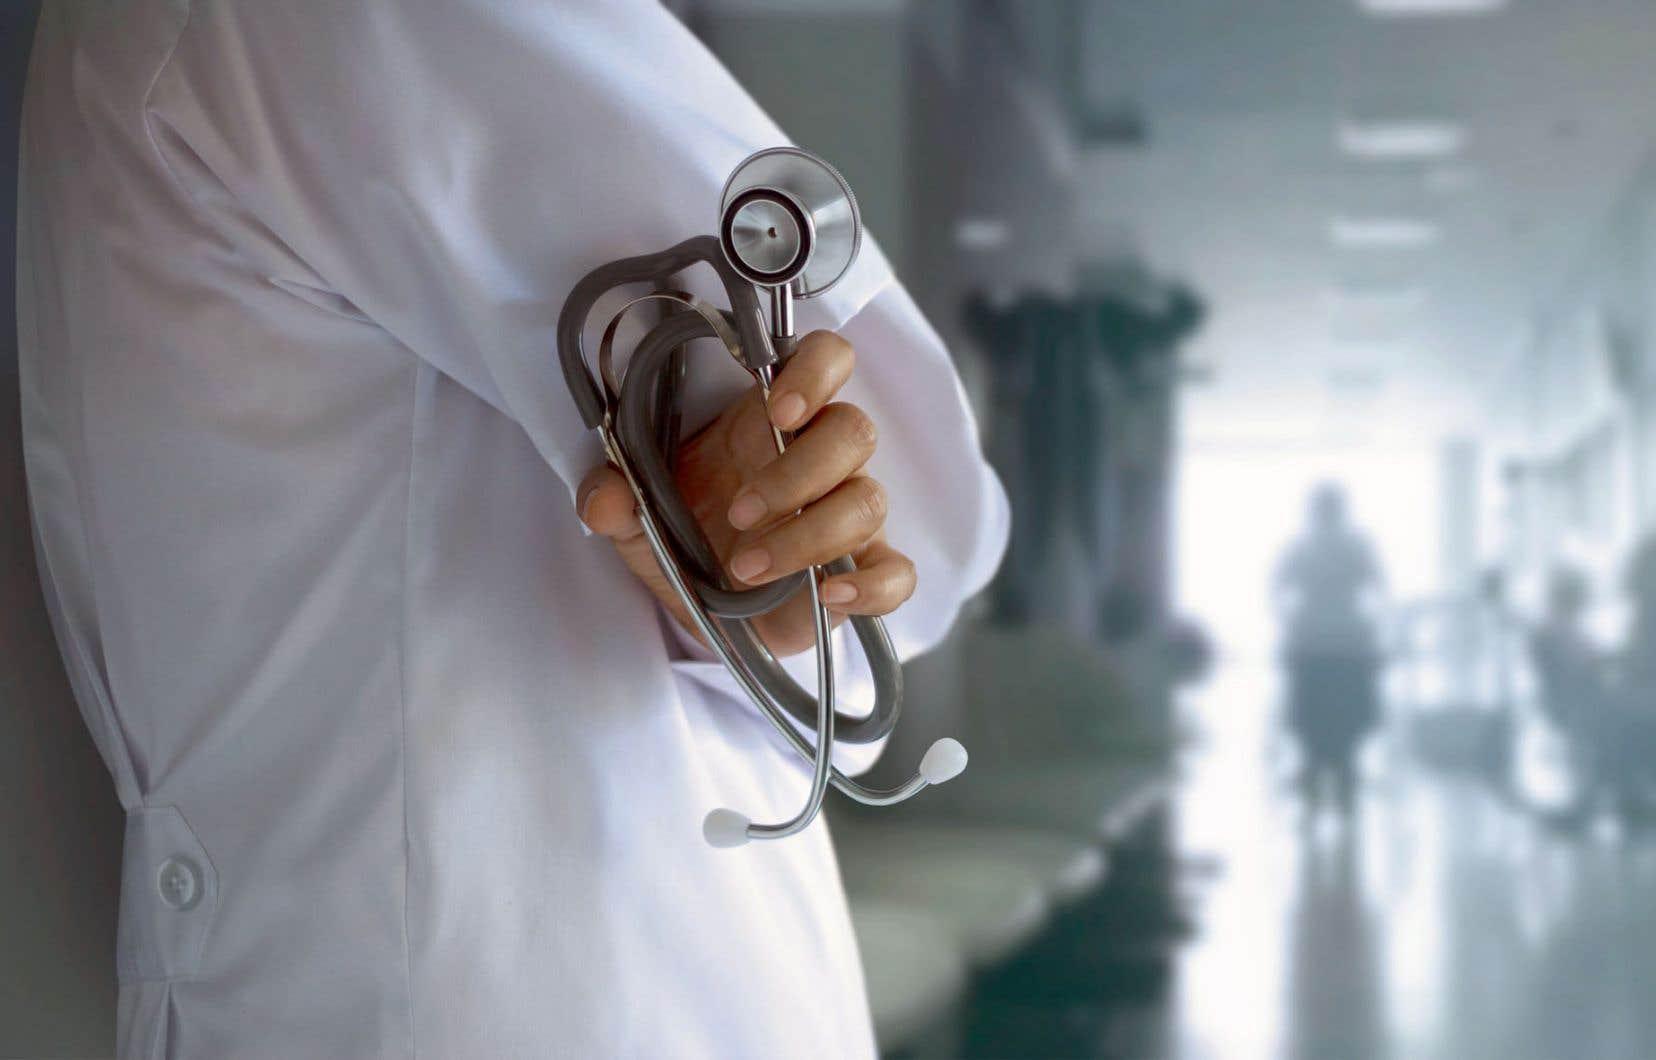 «J'avais compris que le système de santé était malade et que nous y mettions trop d'argent au détriment d'autres secteurs», écrit l'auteur.